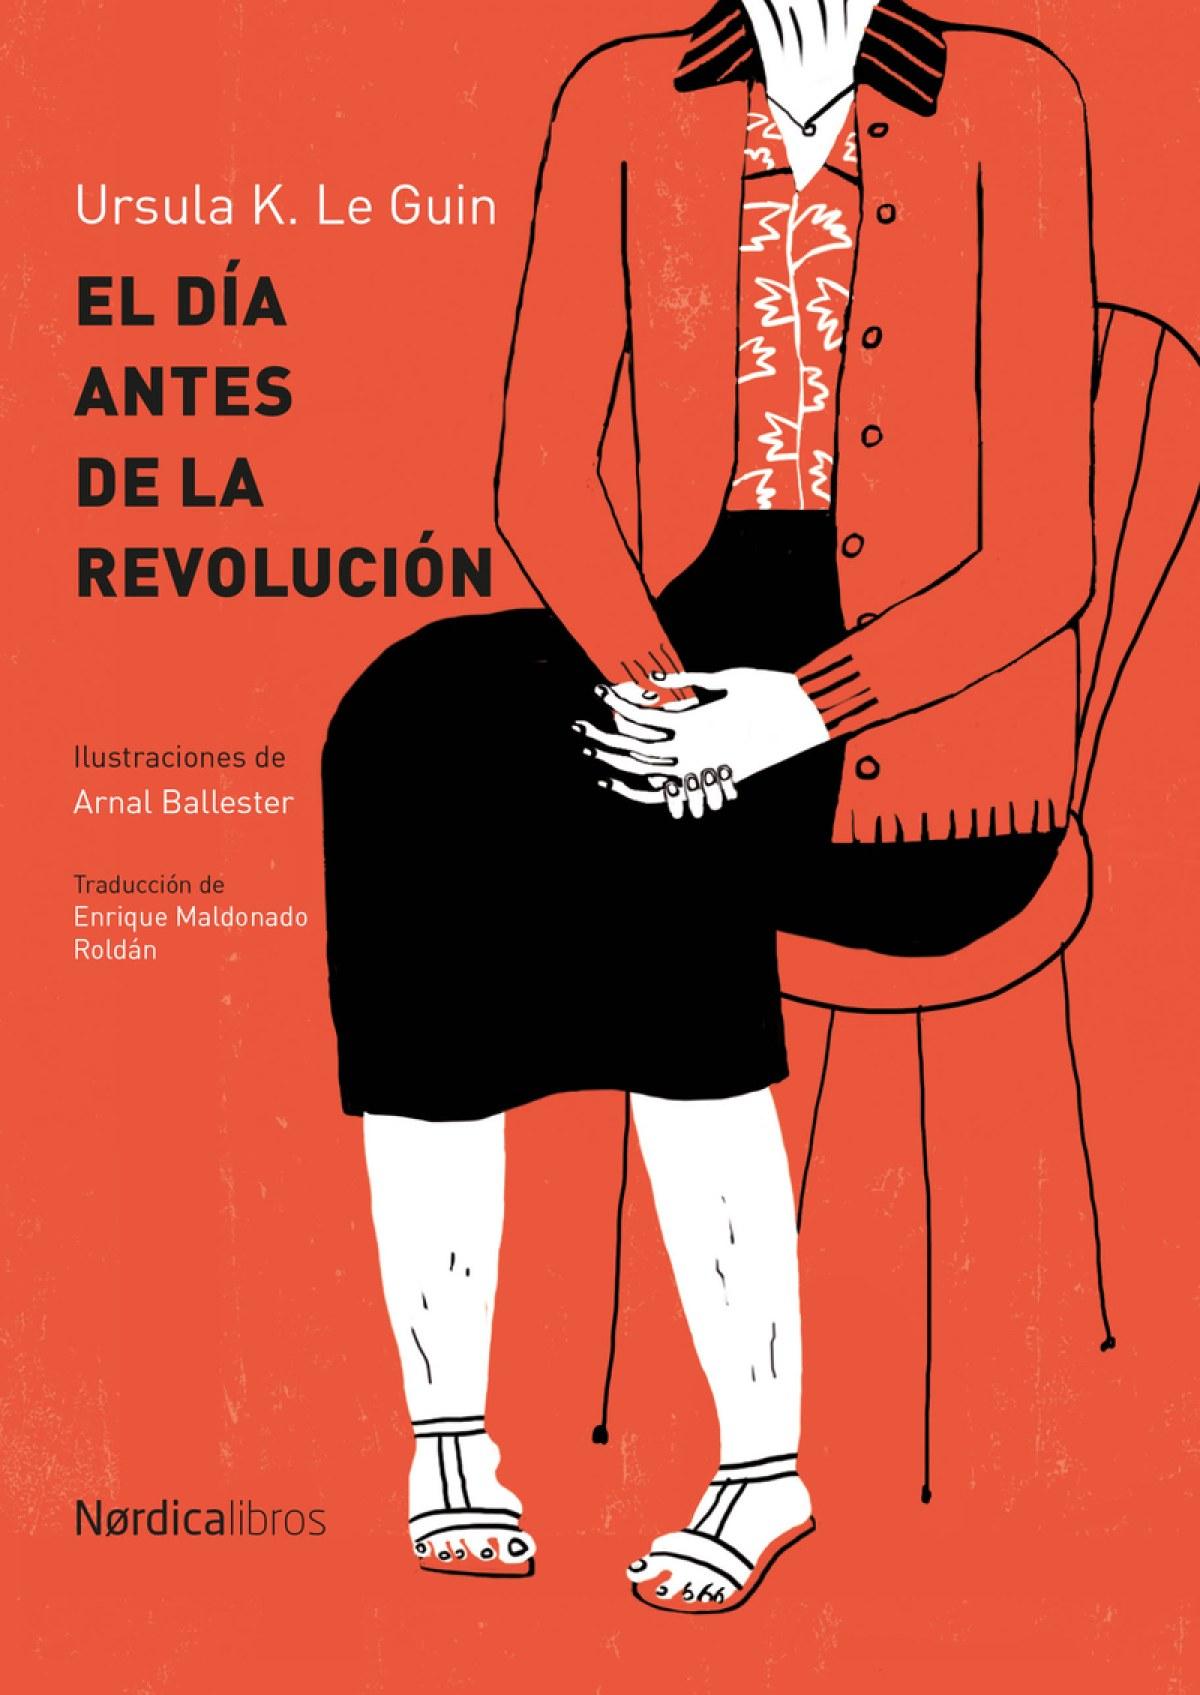 EL DÍA ANTES DE LA REVOLUCIÓN